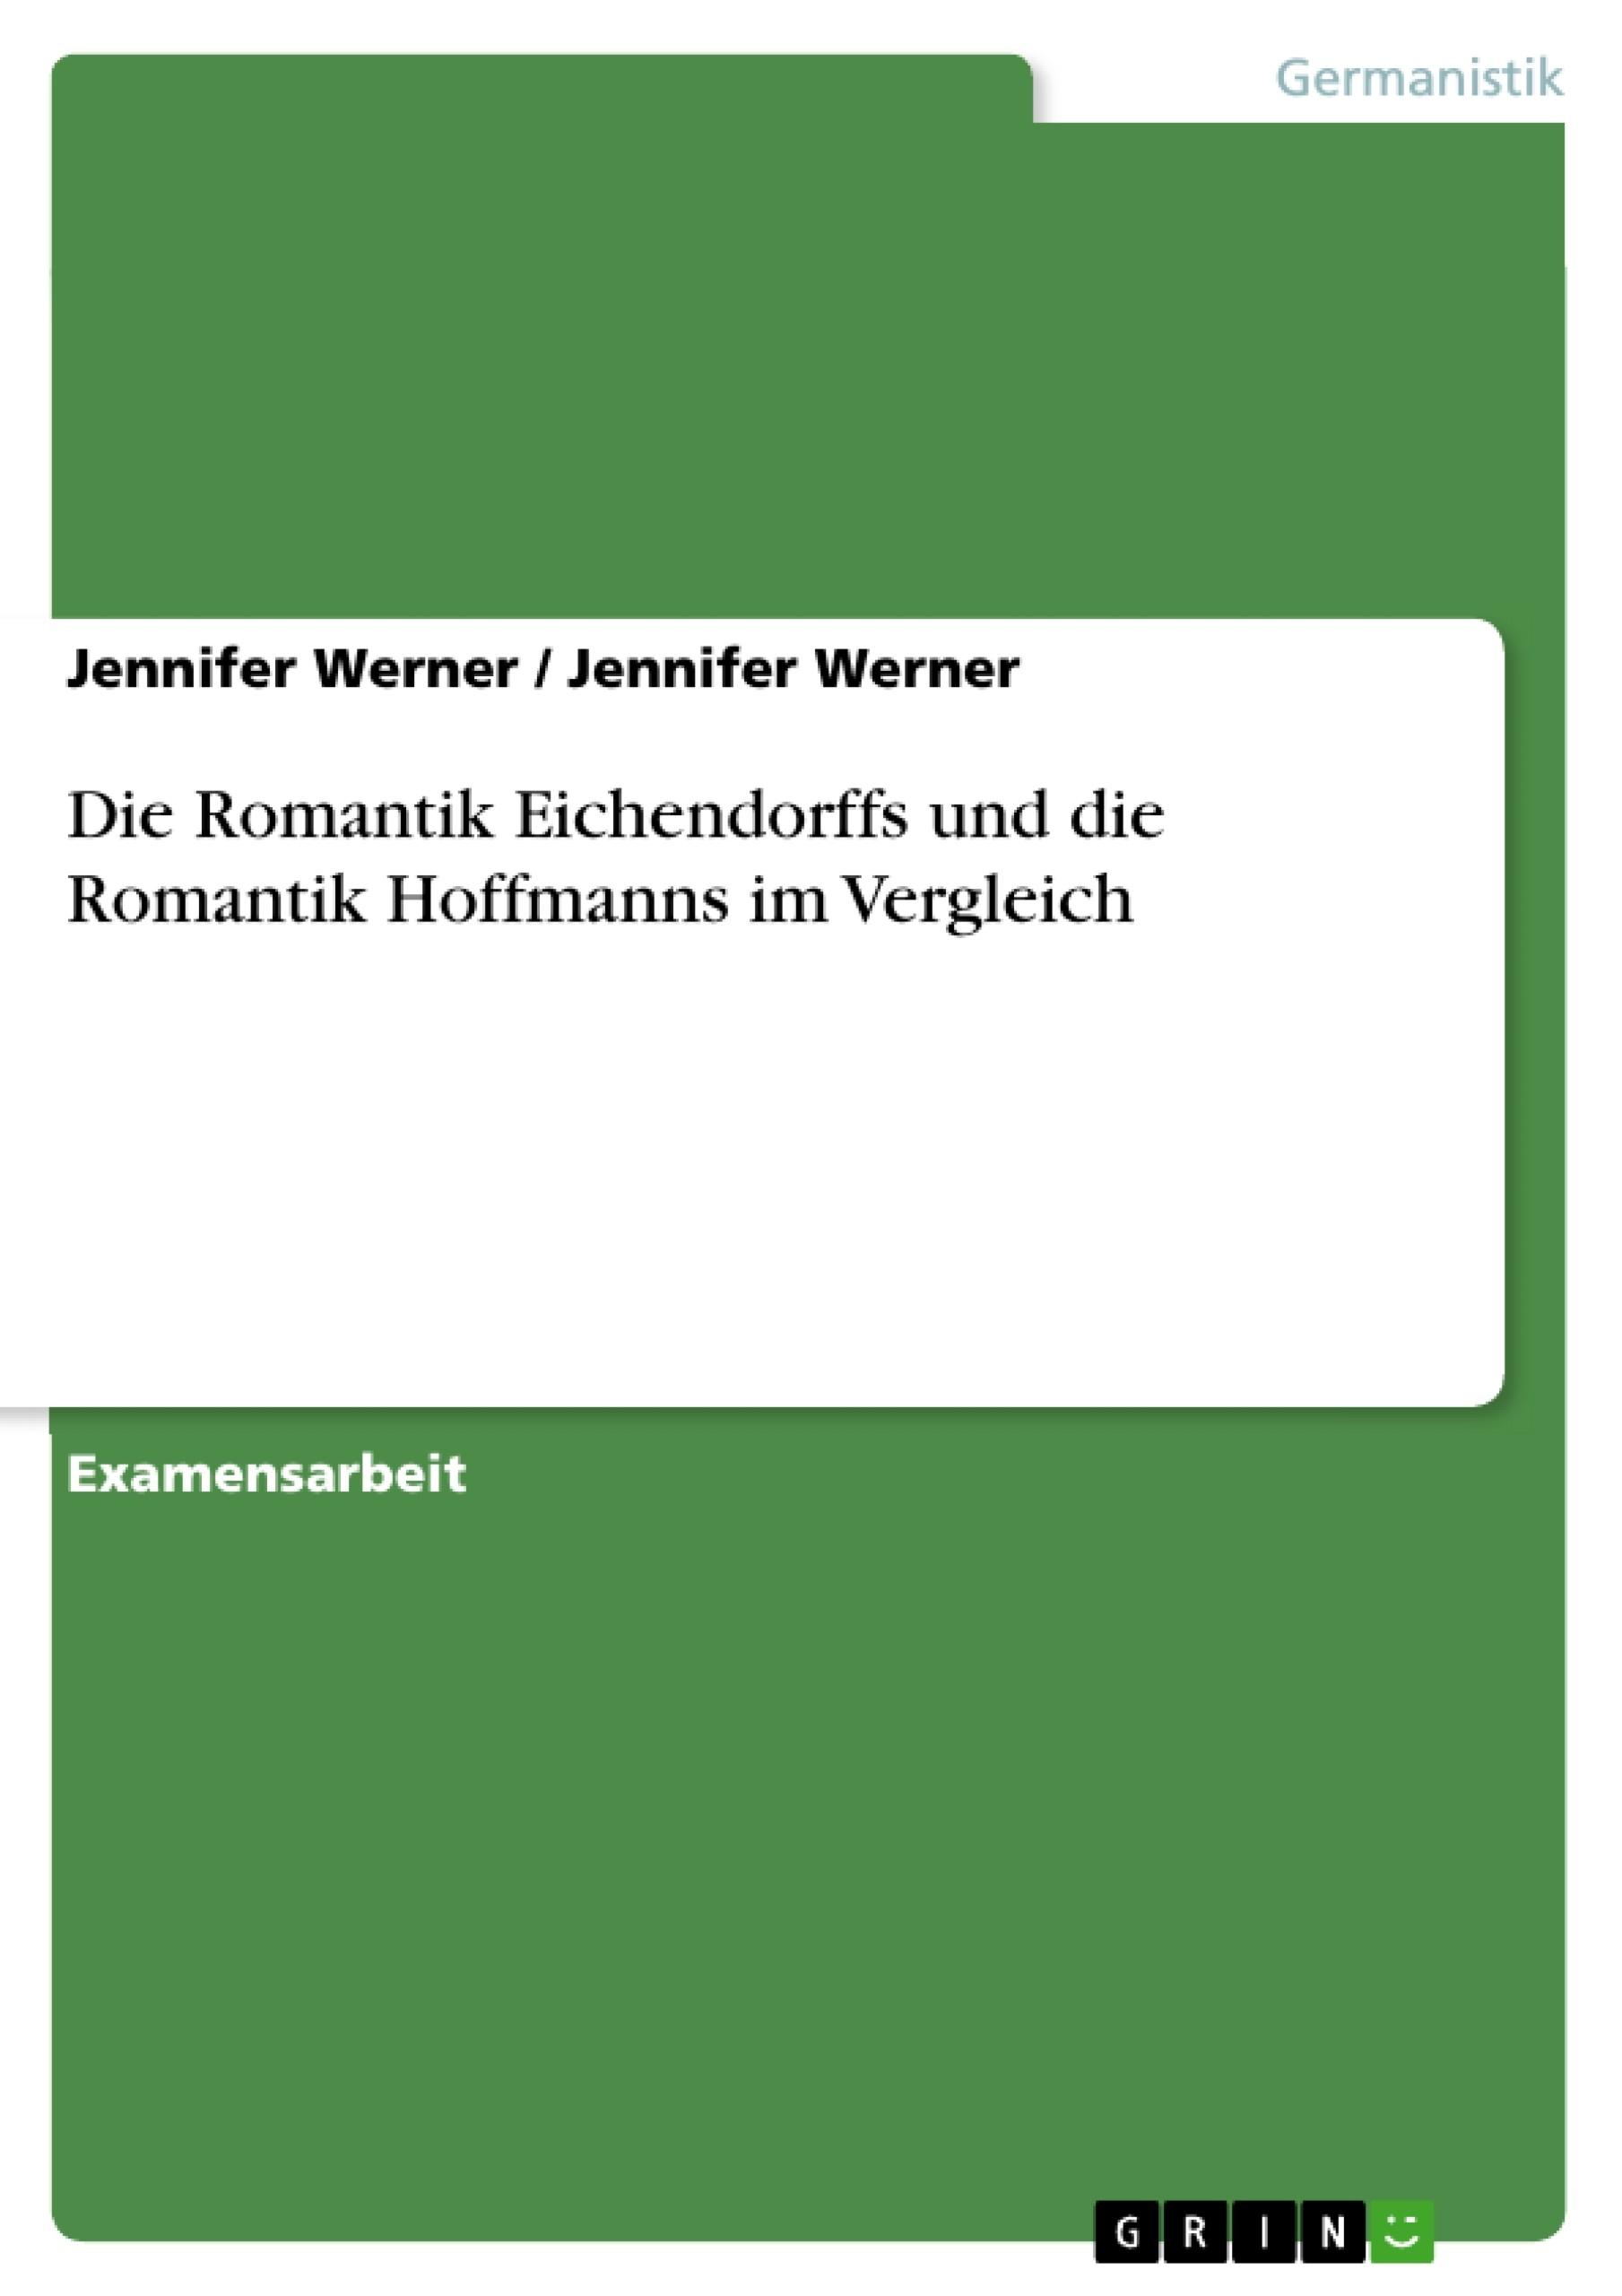 Titel: Die Romantik Eichendorffs und die Romantik Hoffmanns im Vergleich